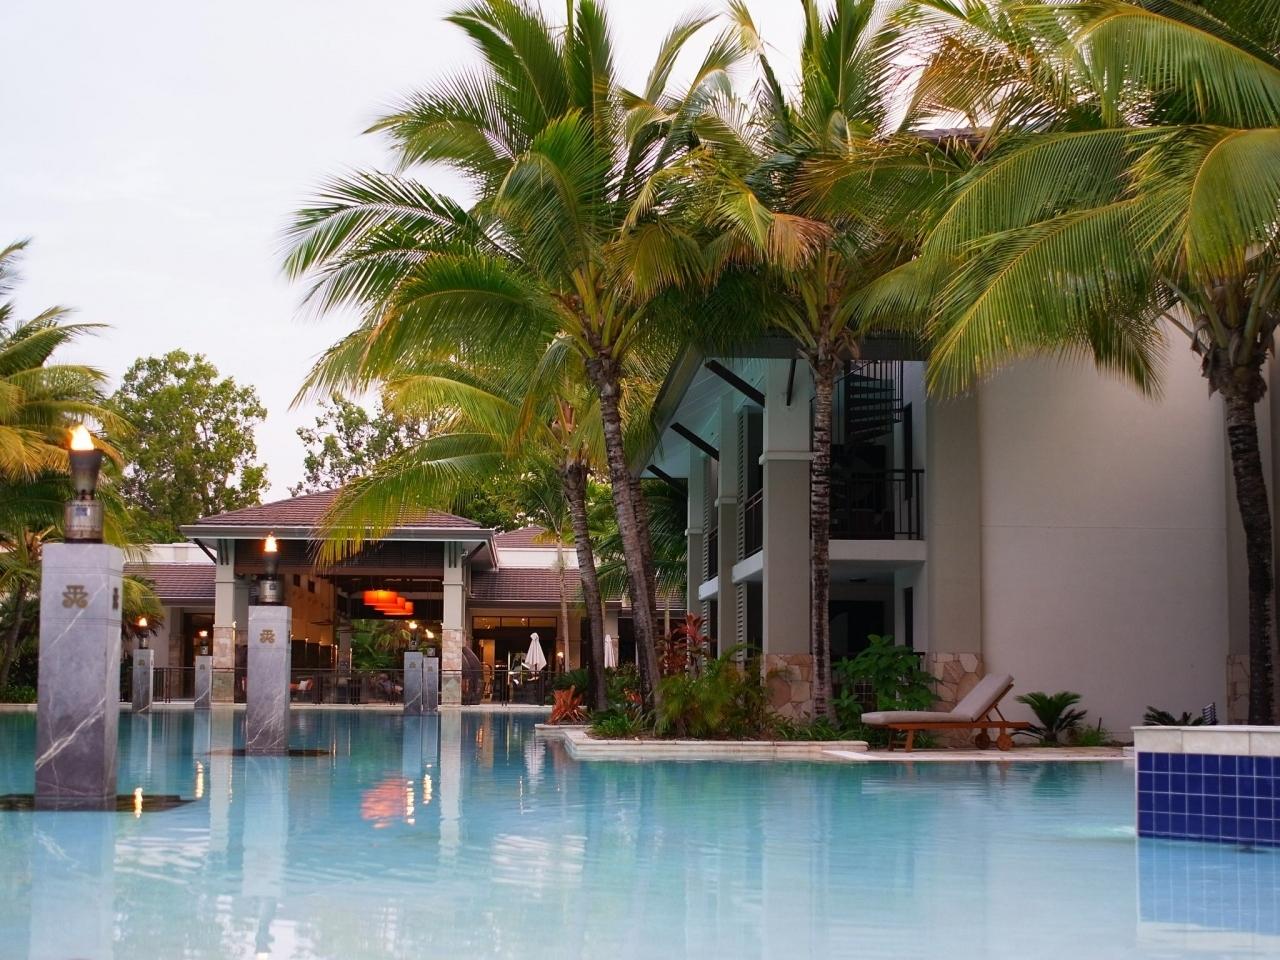 【22位】ホテル プルマン ポート ダグラス シー テンプル リゾート アンド スパ/ オーストラリア